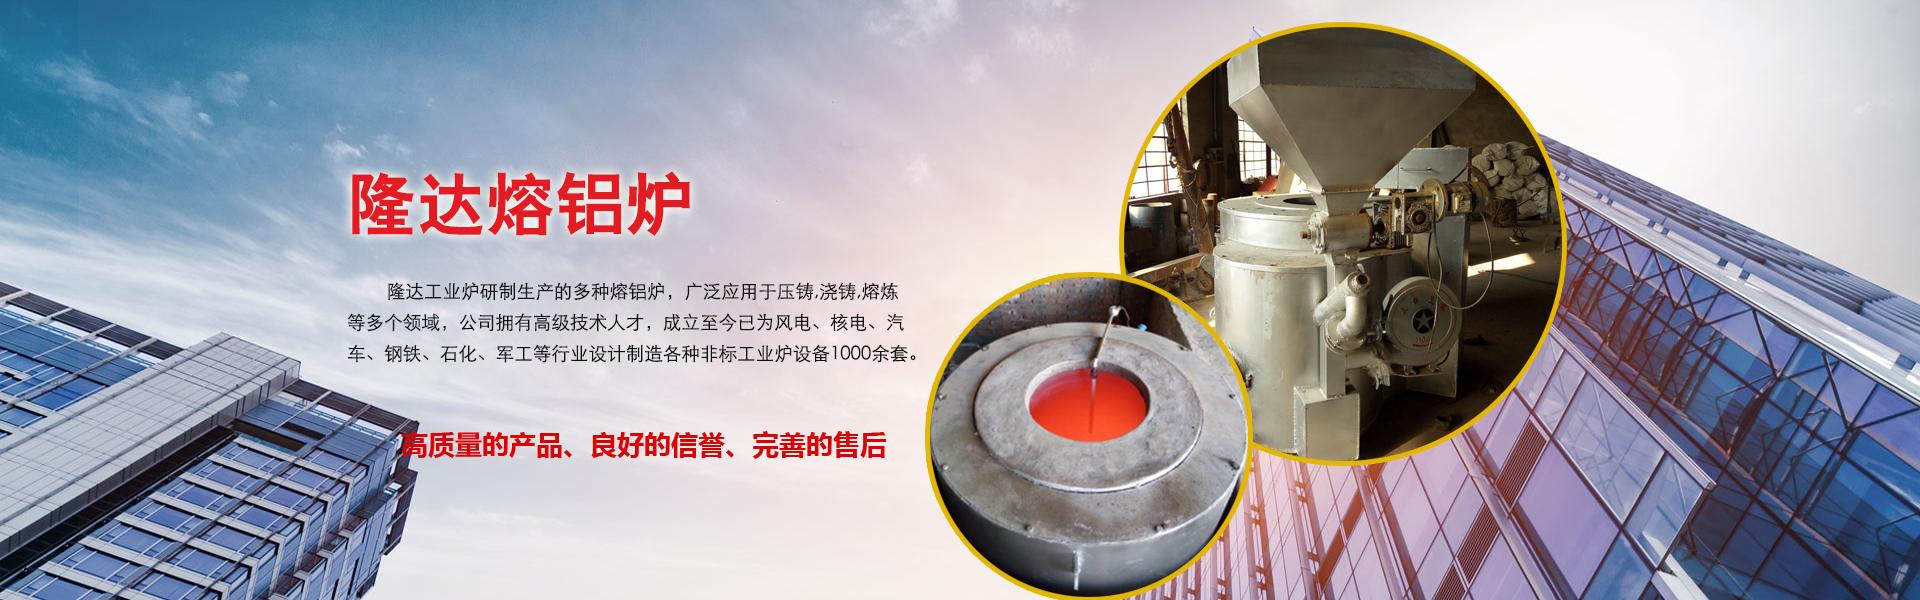 铝合jin熔hua炉